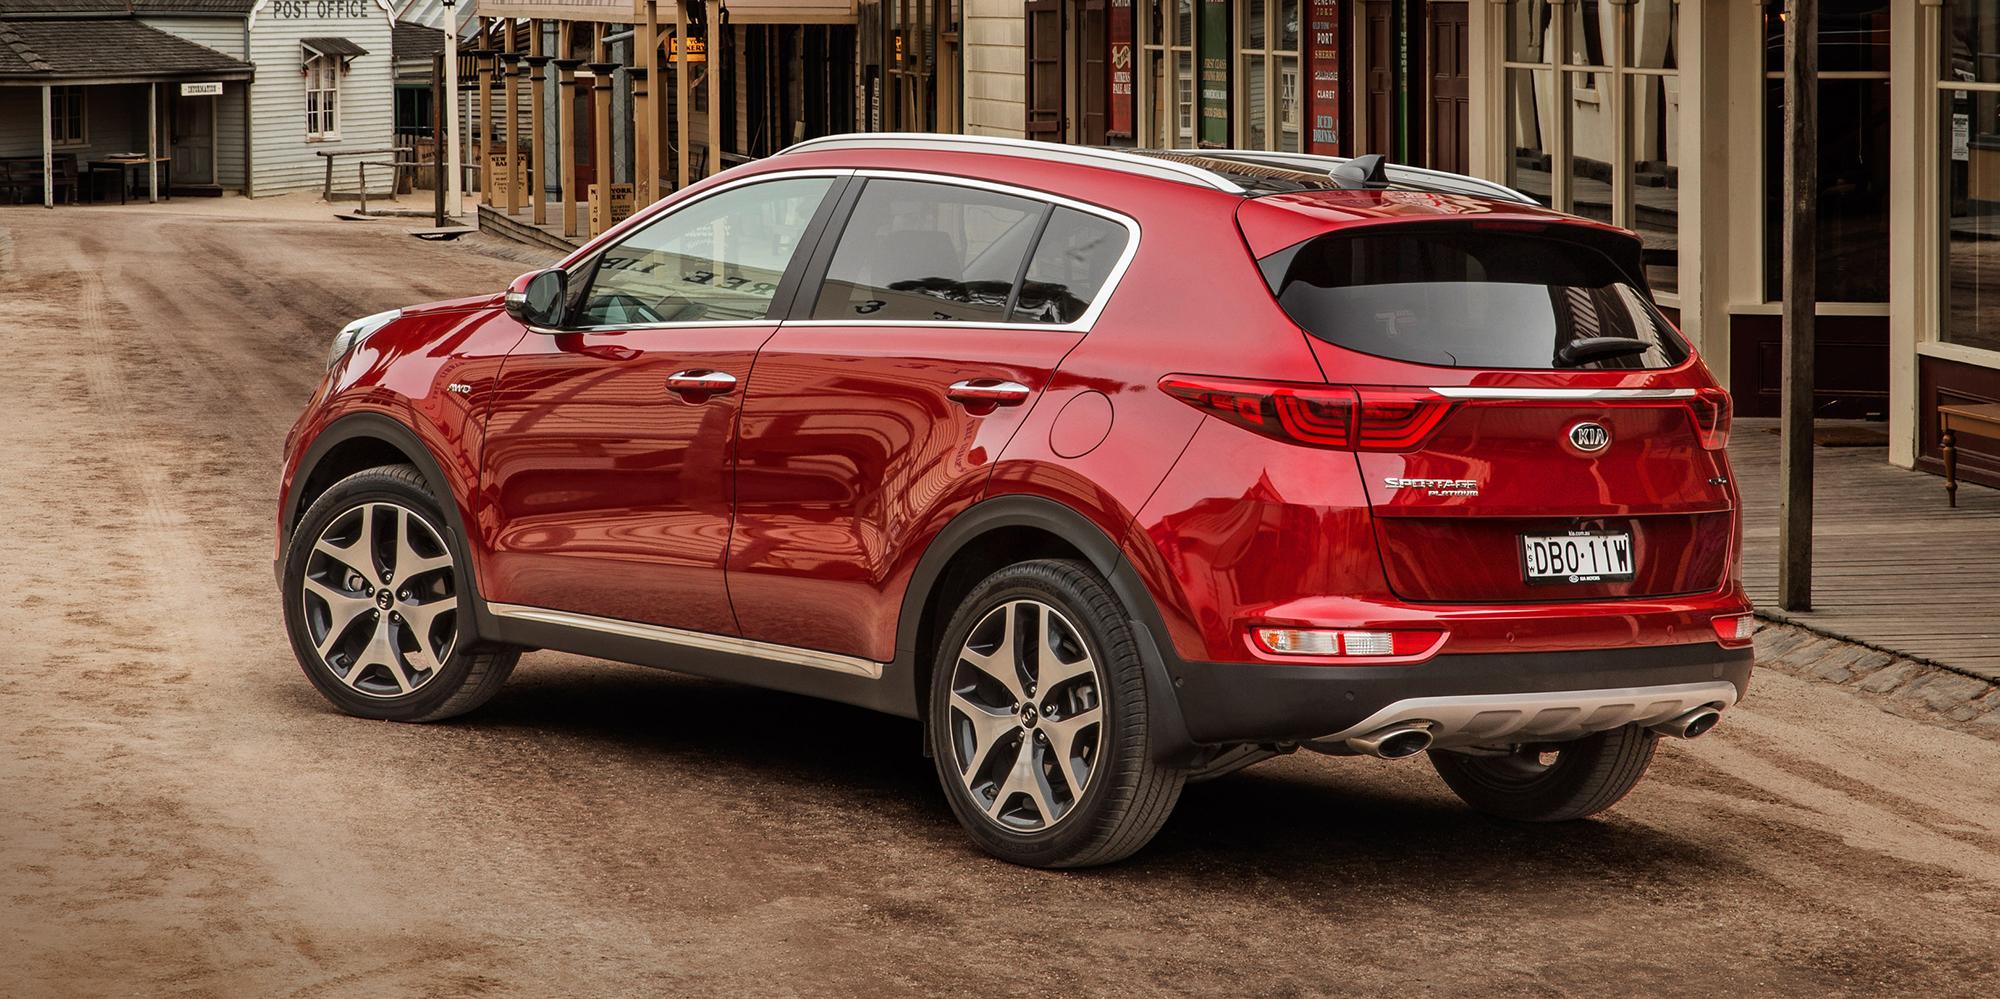 2016 Kia Sportage Review Caradvice